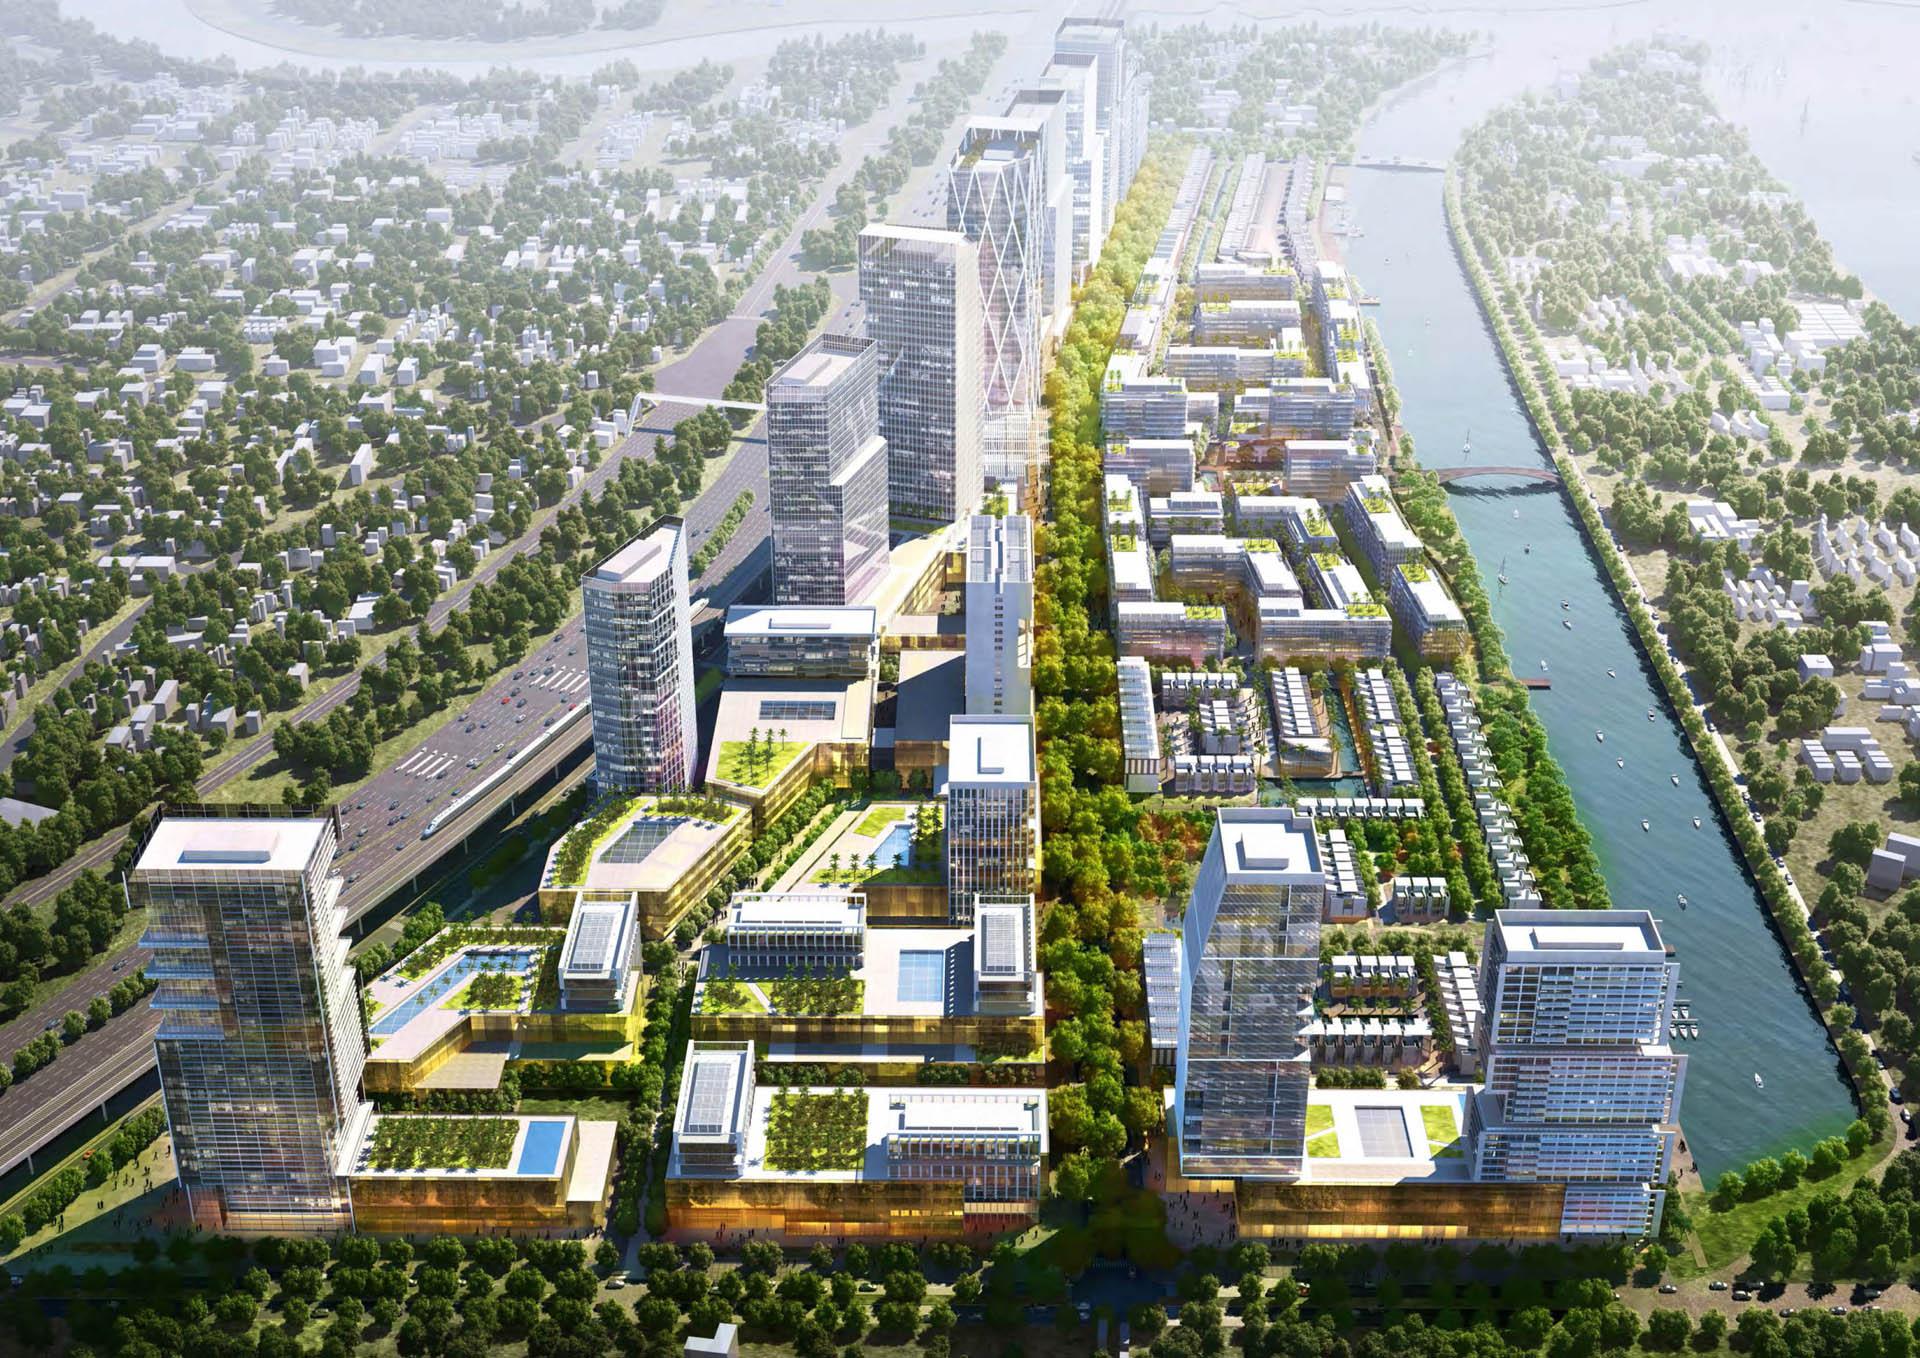 Phối cảnh dự án căn hộ River City Quận Thủ Đức